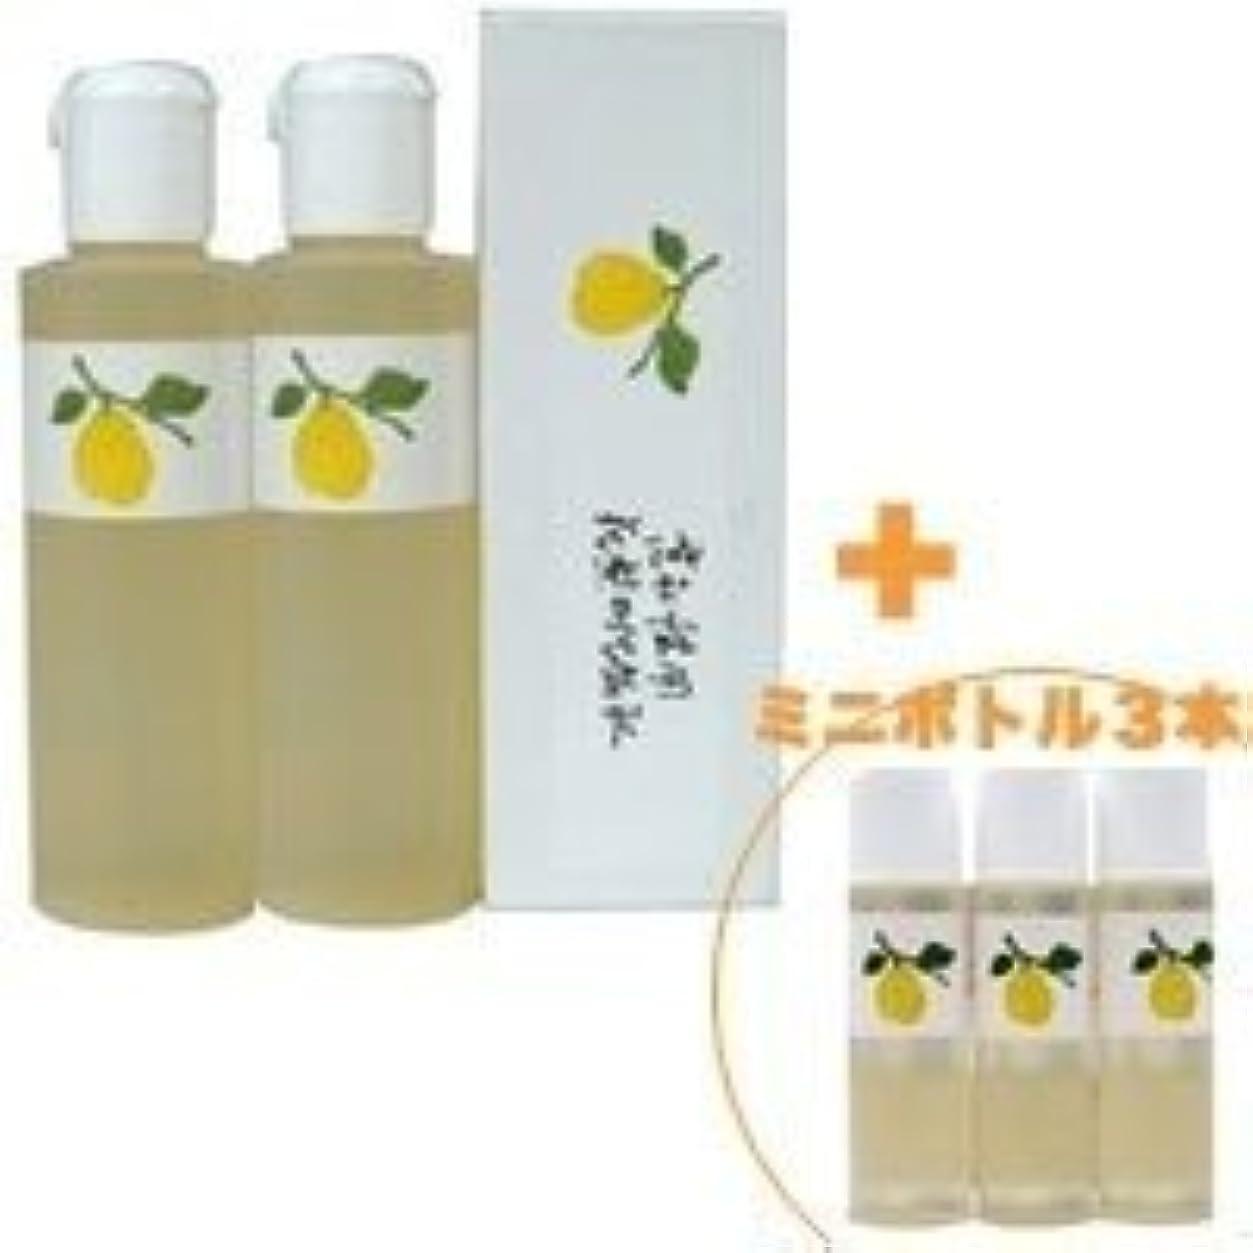 アリ素晴らしき数学者花梨の化粧水 200ml 2本&ミニボトル 3本 美容液 栄養クリームのいらないお肌へ 保湿と乾燥対策に